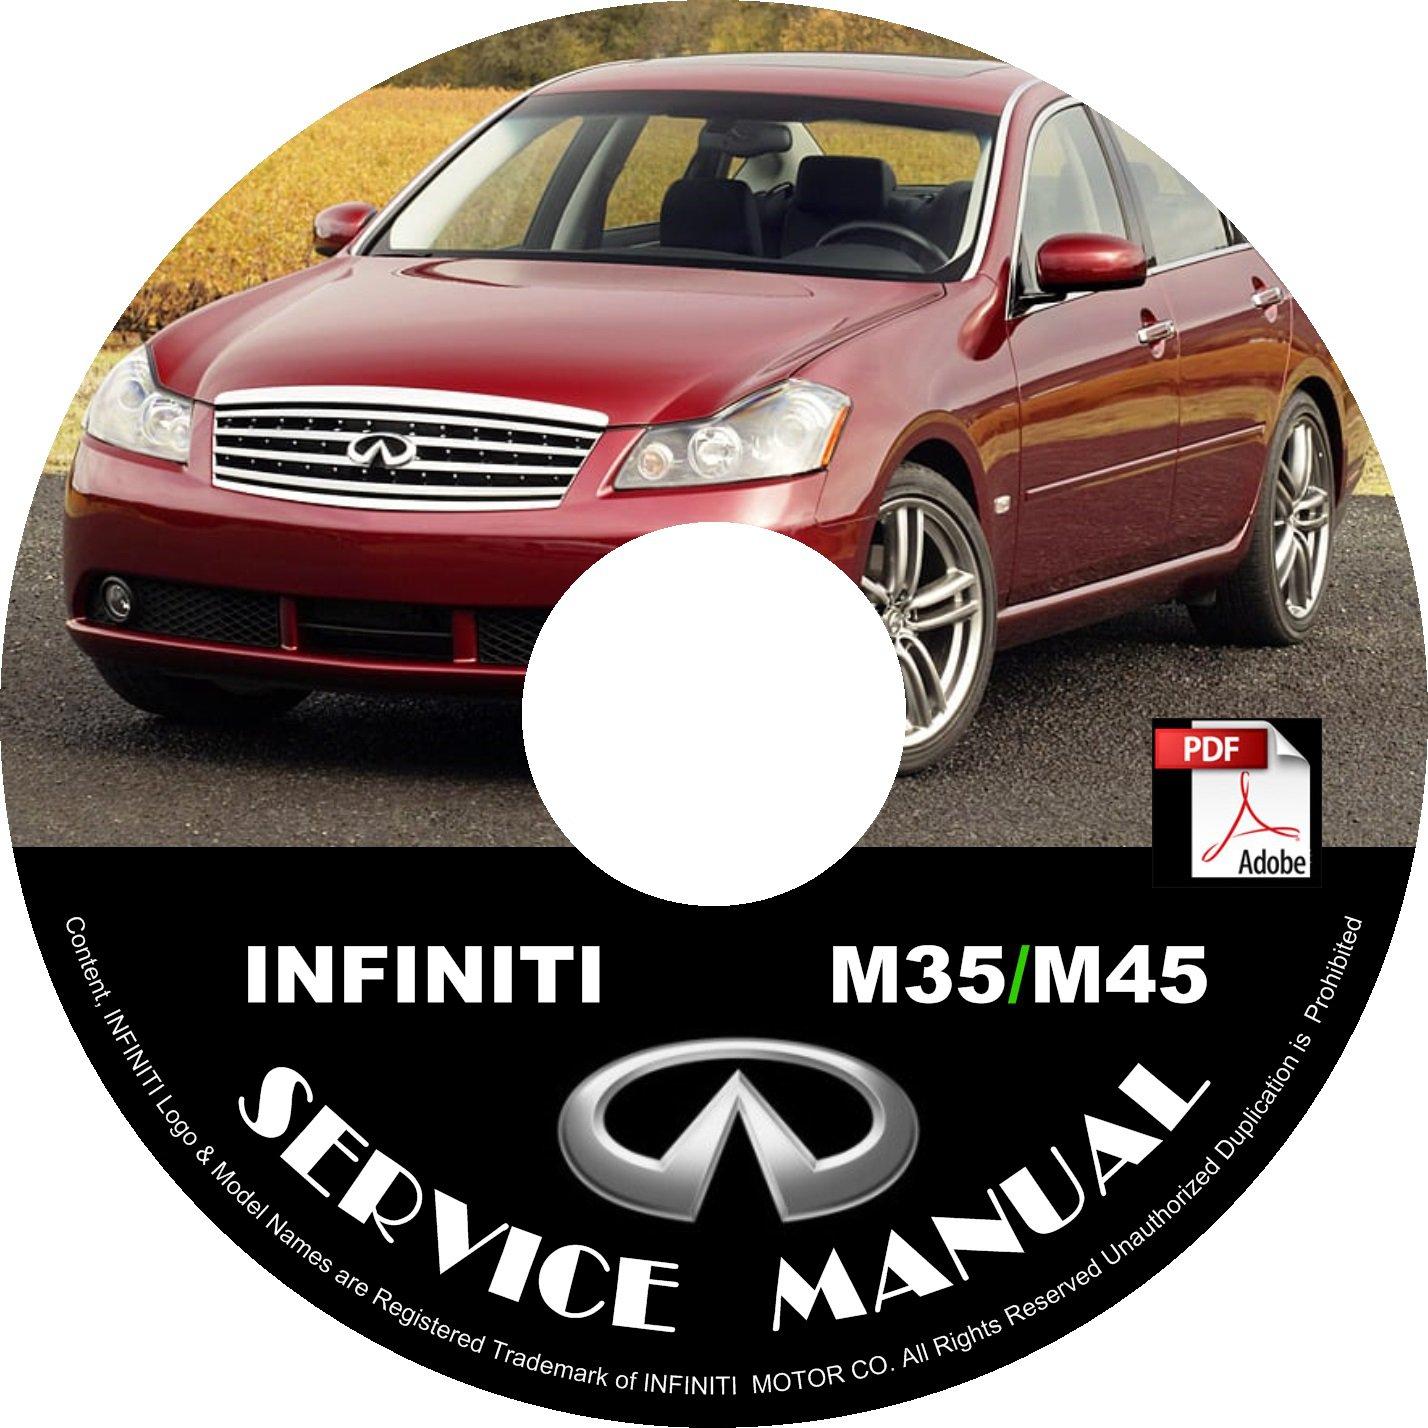 2006 Infiniti M35 M45 Factory Service Repair Shop Manual on CD Fix Repair Rebuild 06 Workshop Guide